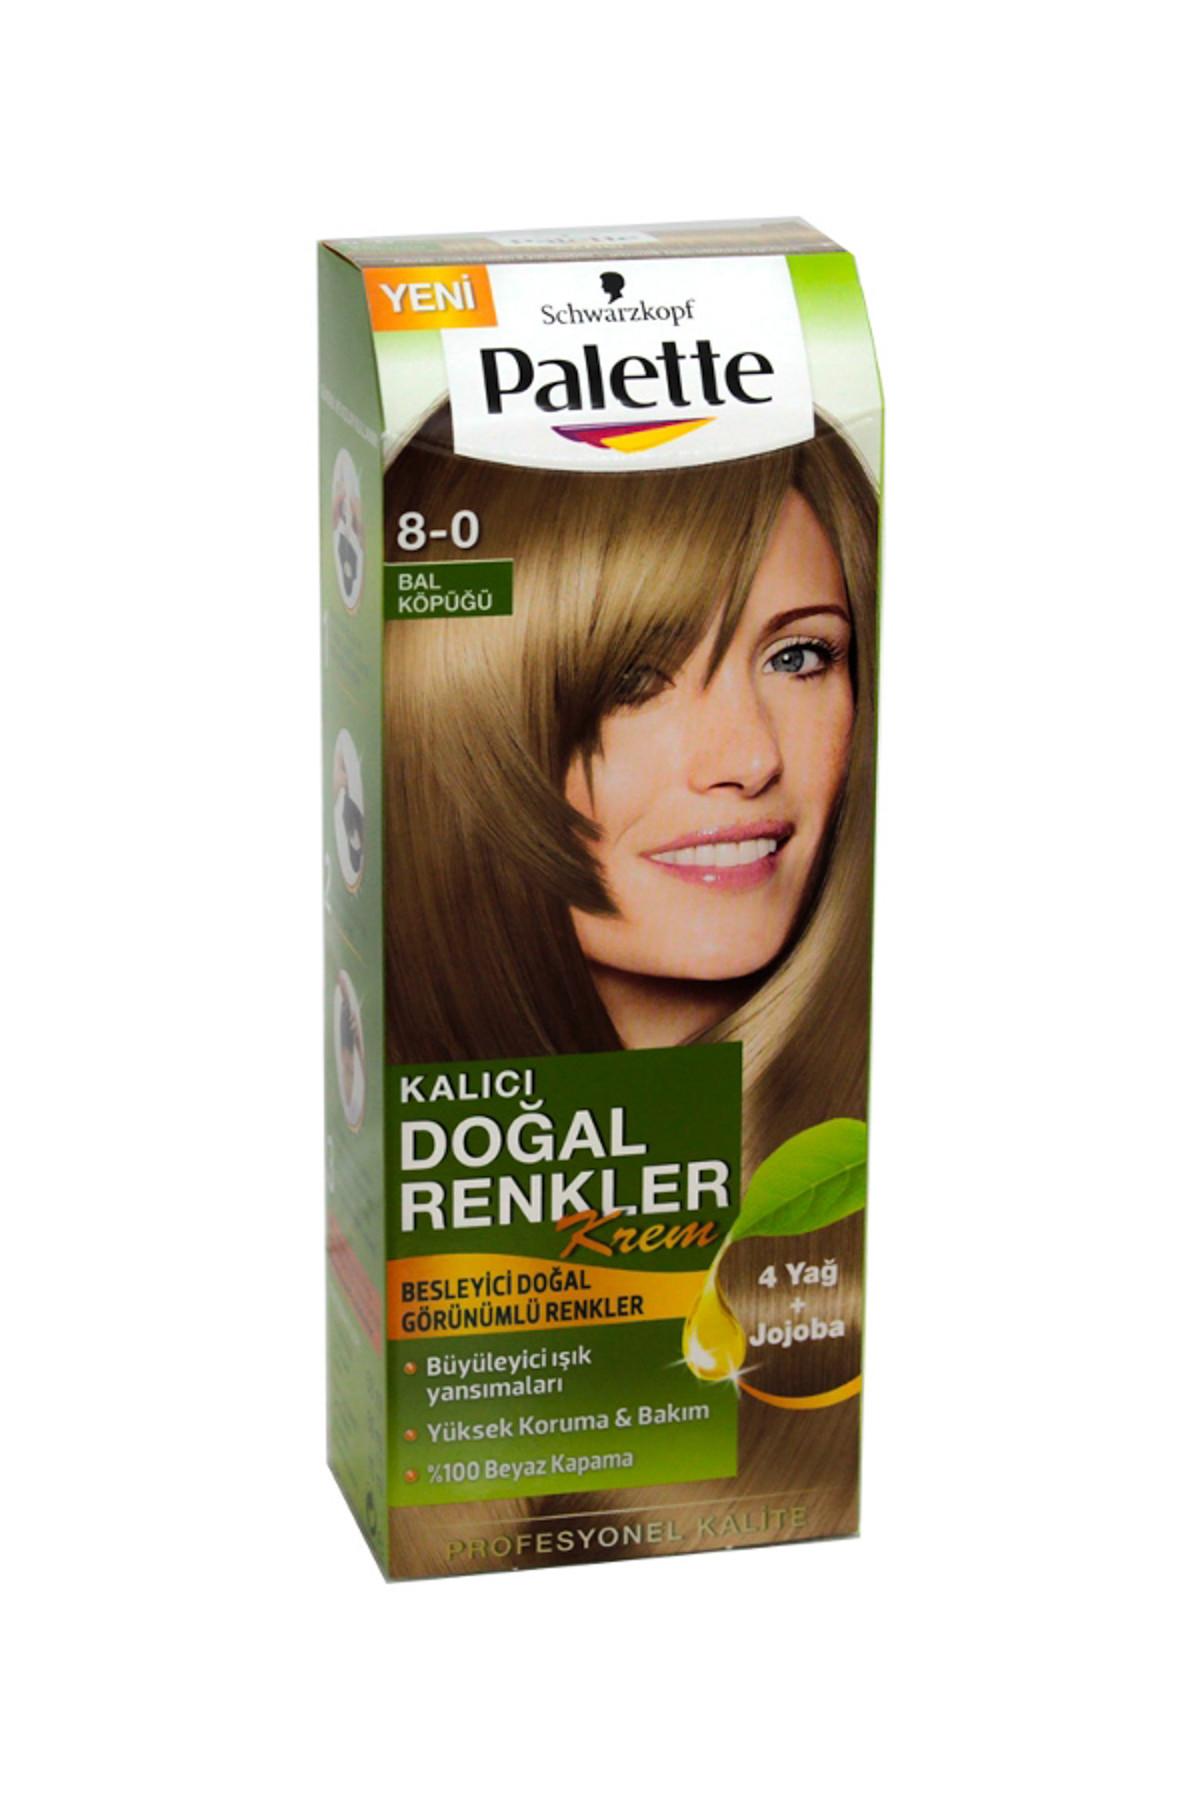 PALETTE DOGAL RENKLER 8-0